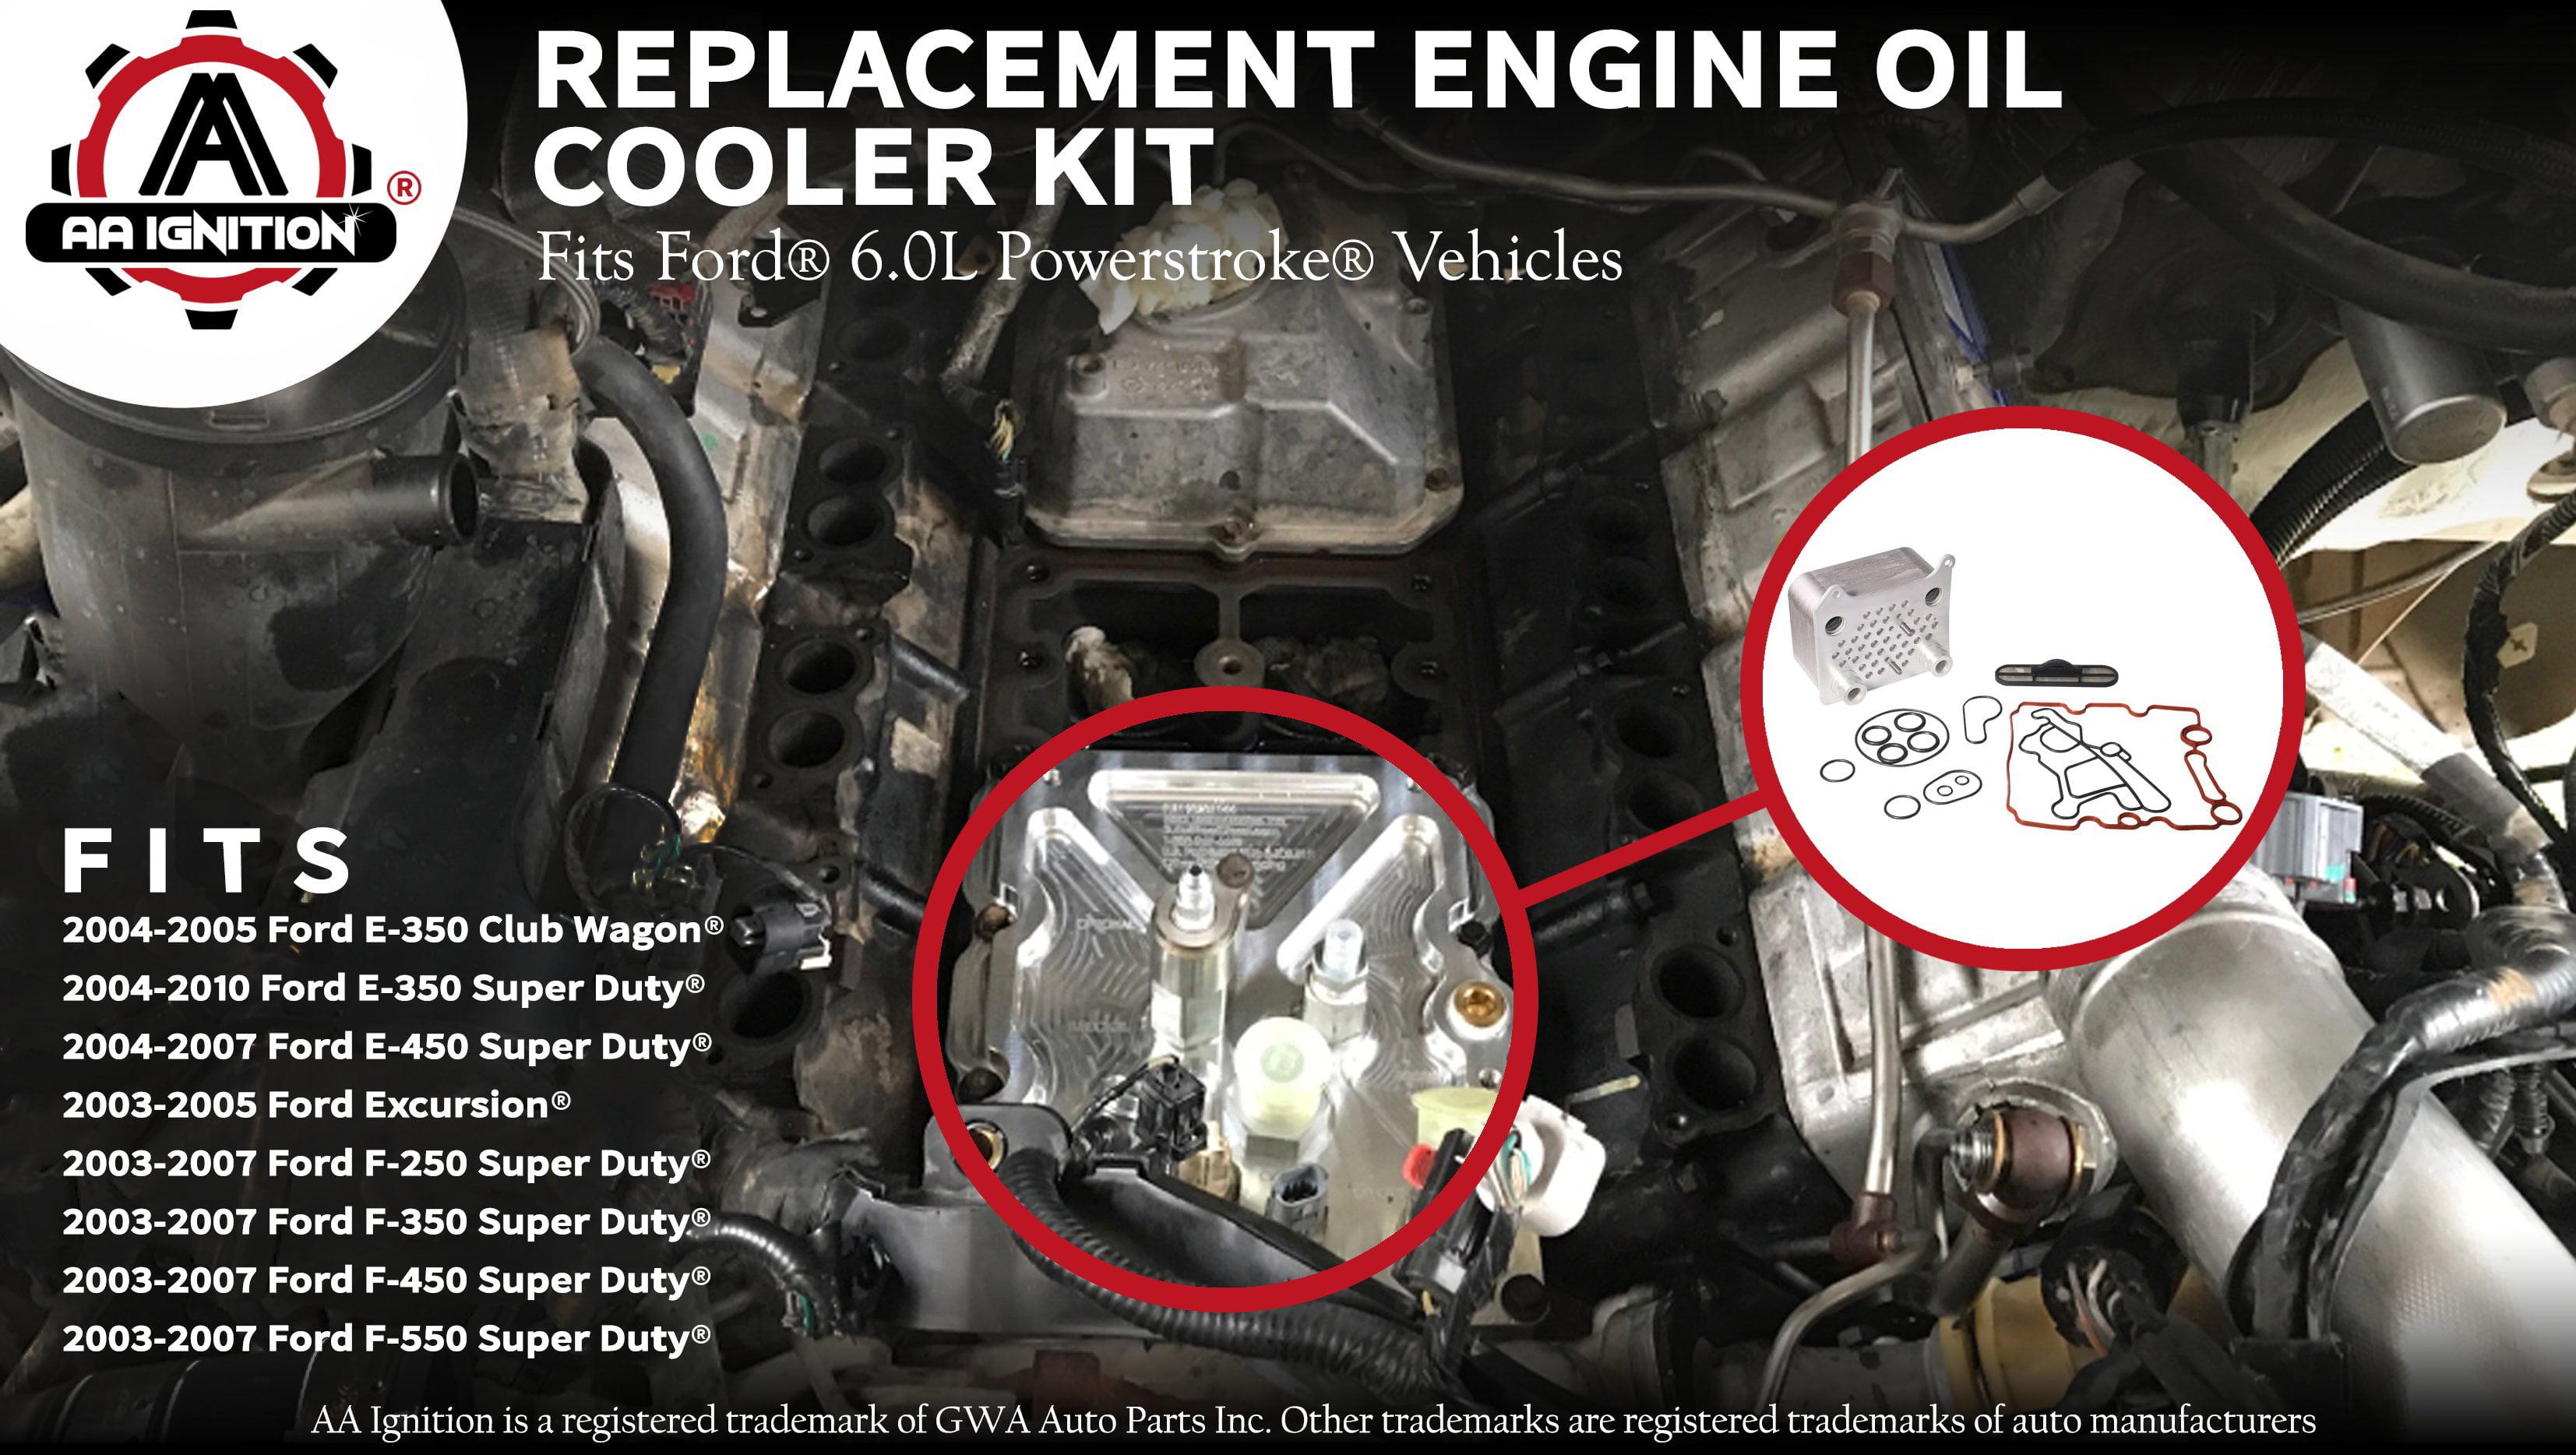 904-228 Engine Oil Cooler Kit 015339 Viton Gasket Seal Kit OCK388 Replaces Part# 3C3Z 6A642 CA E-450 E350 F-350 904228 F550 Super Duty F450 Fits Ford Powerstroke 6.0L V8 F250 Excursion